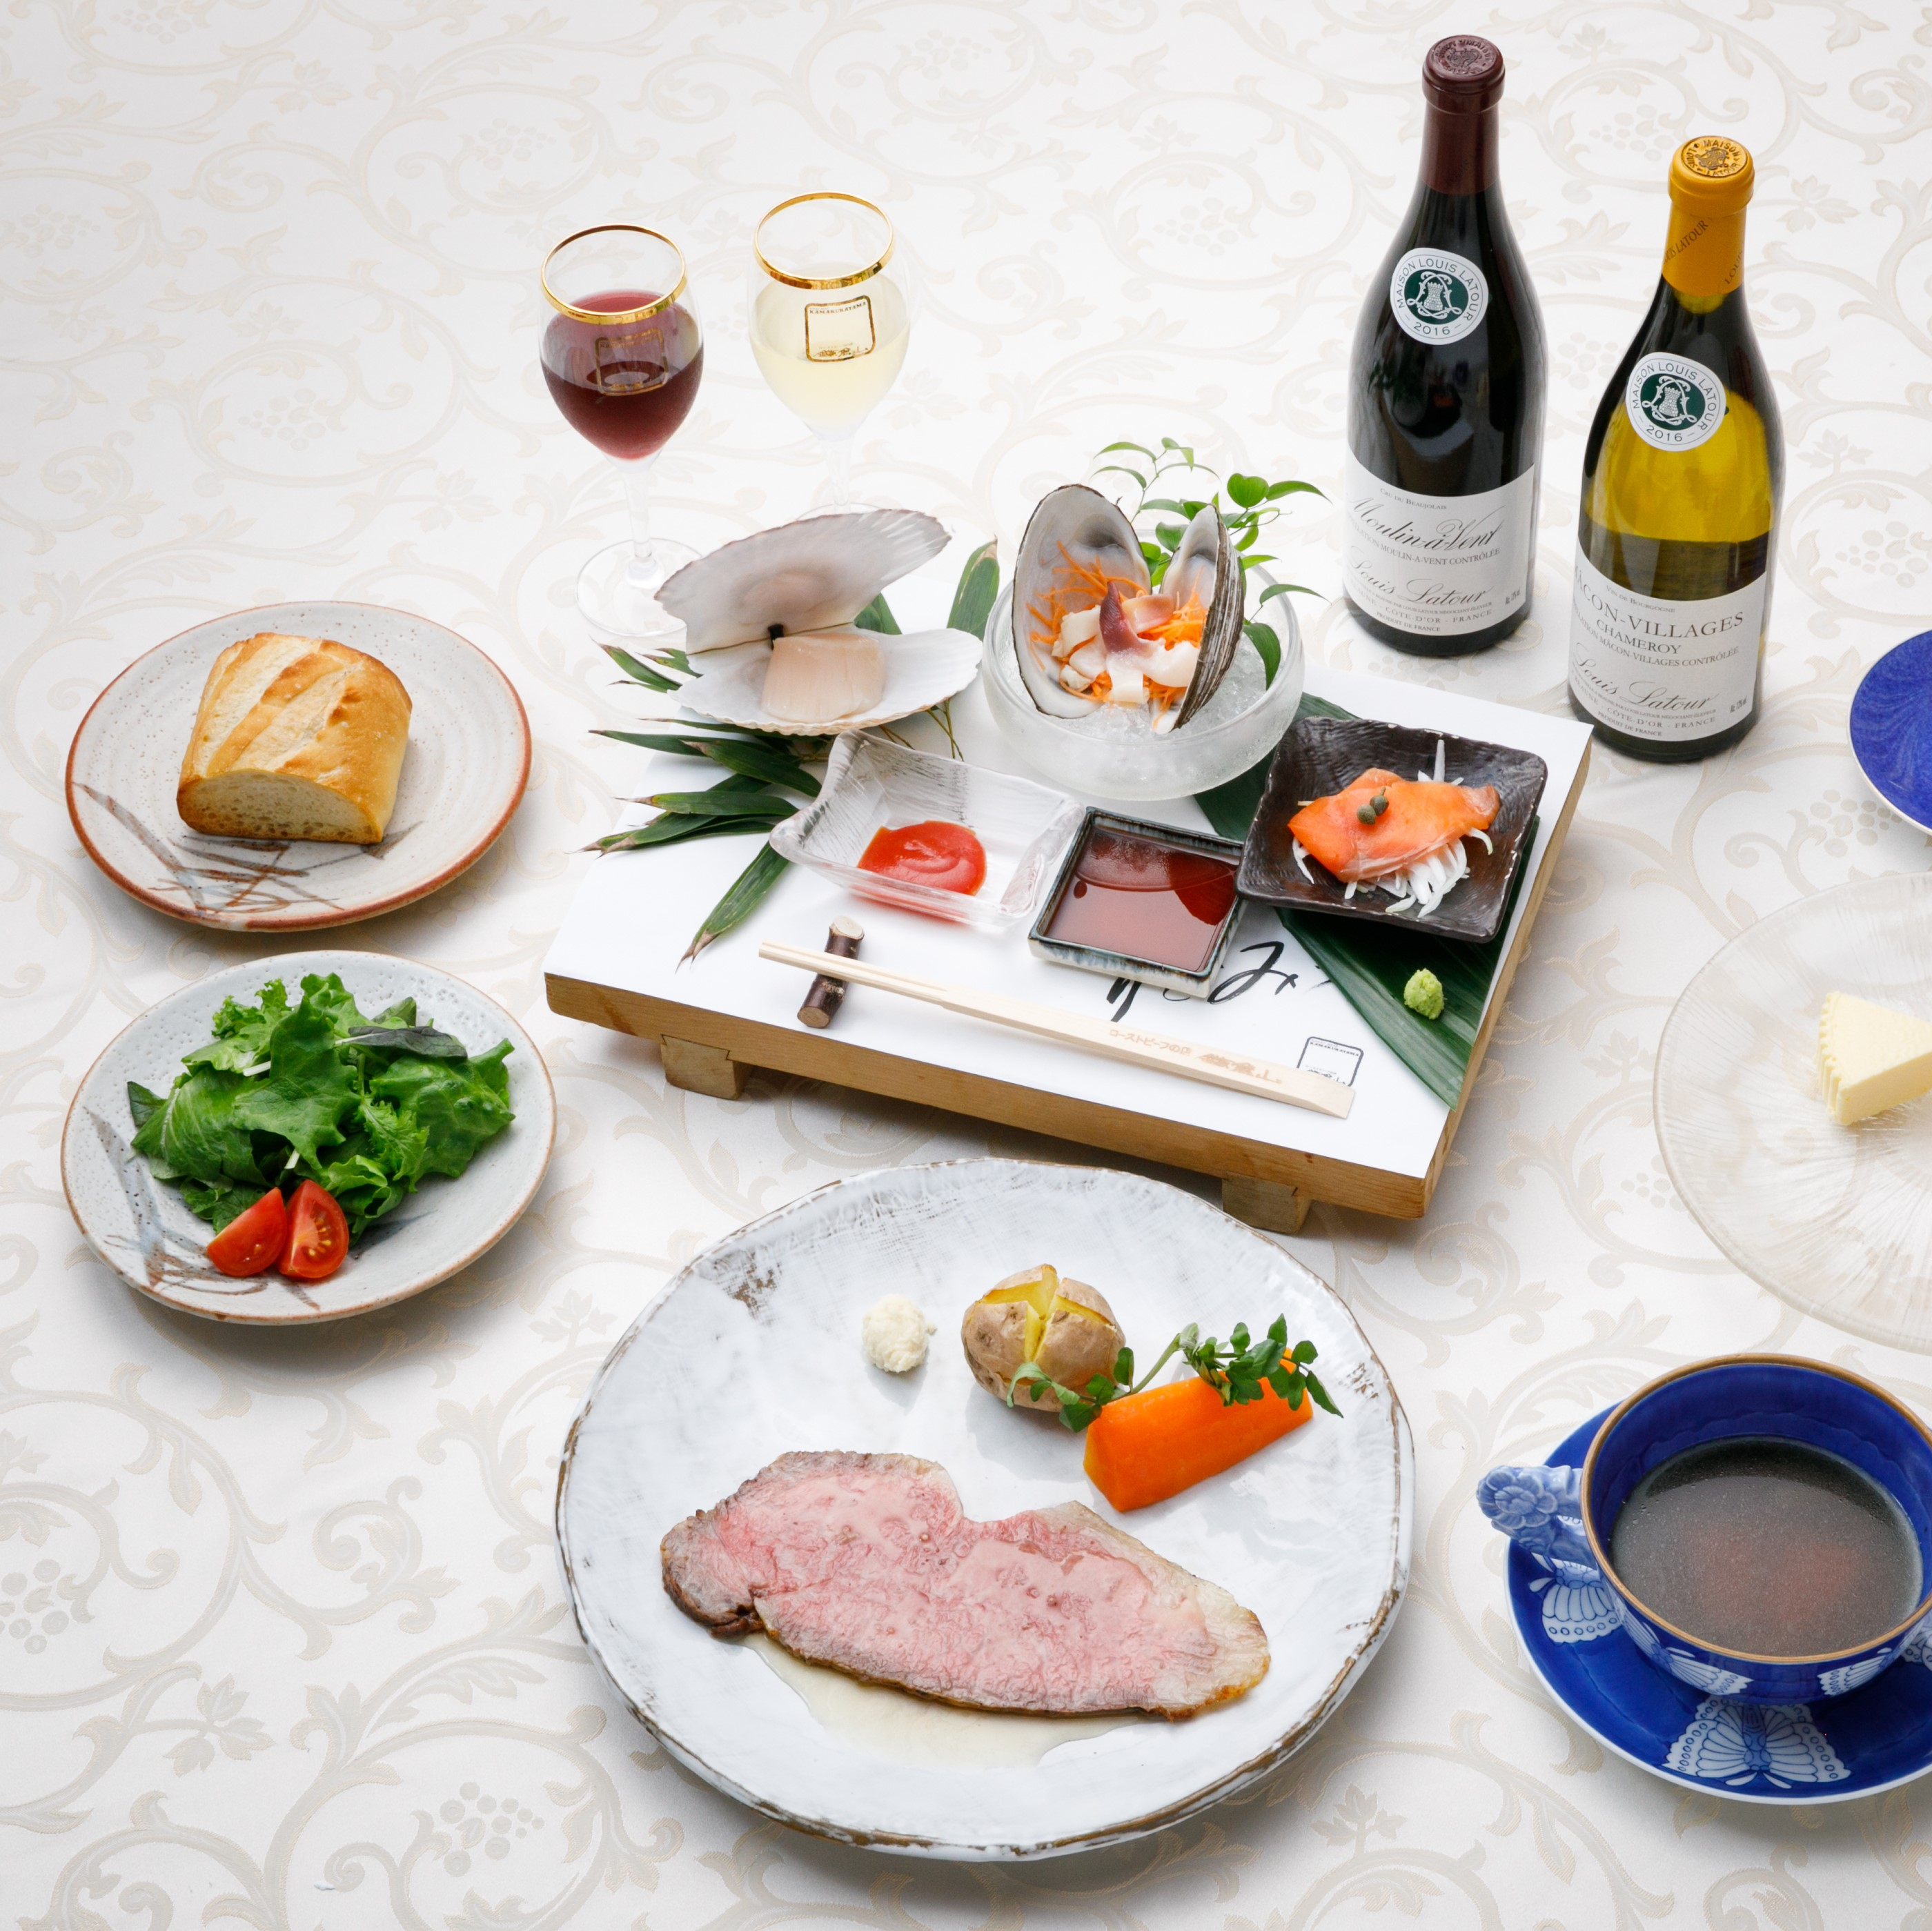 【ローストビーフの店鎌倉山】パーティープラン おすすめポイント